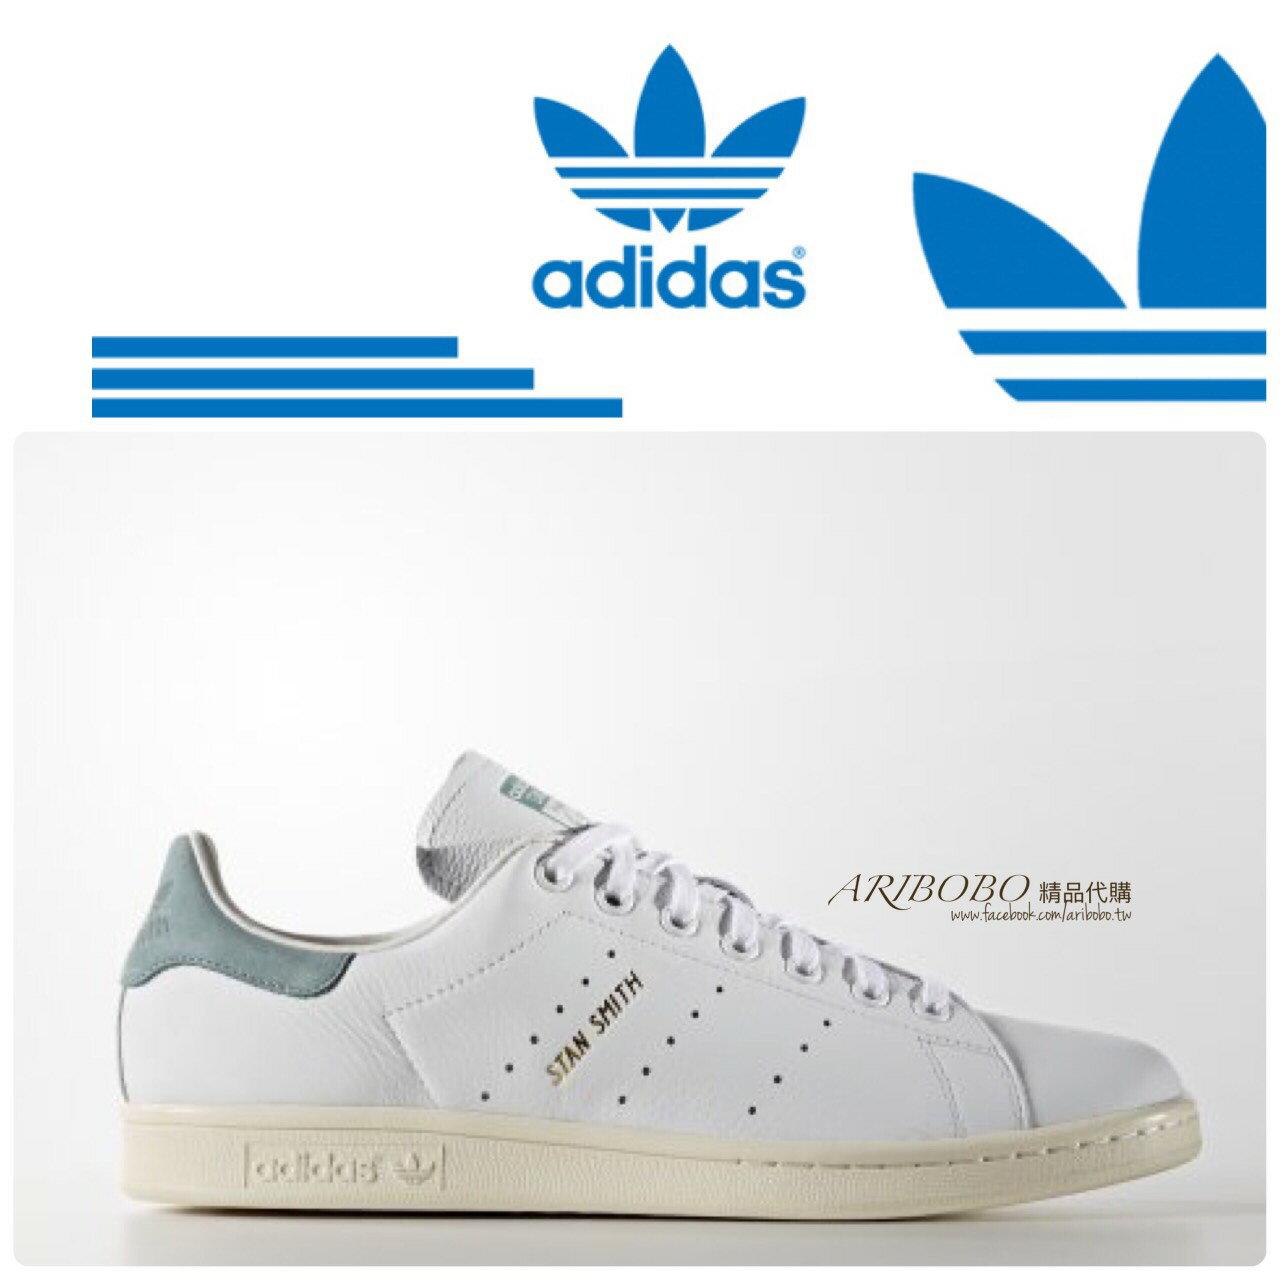 【adidas】愛迪達 Stan Smith X 2016新色 S80024  S80025 S80026(版型偏大,建議小半號唷)精品 代購 艾莉波波 2